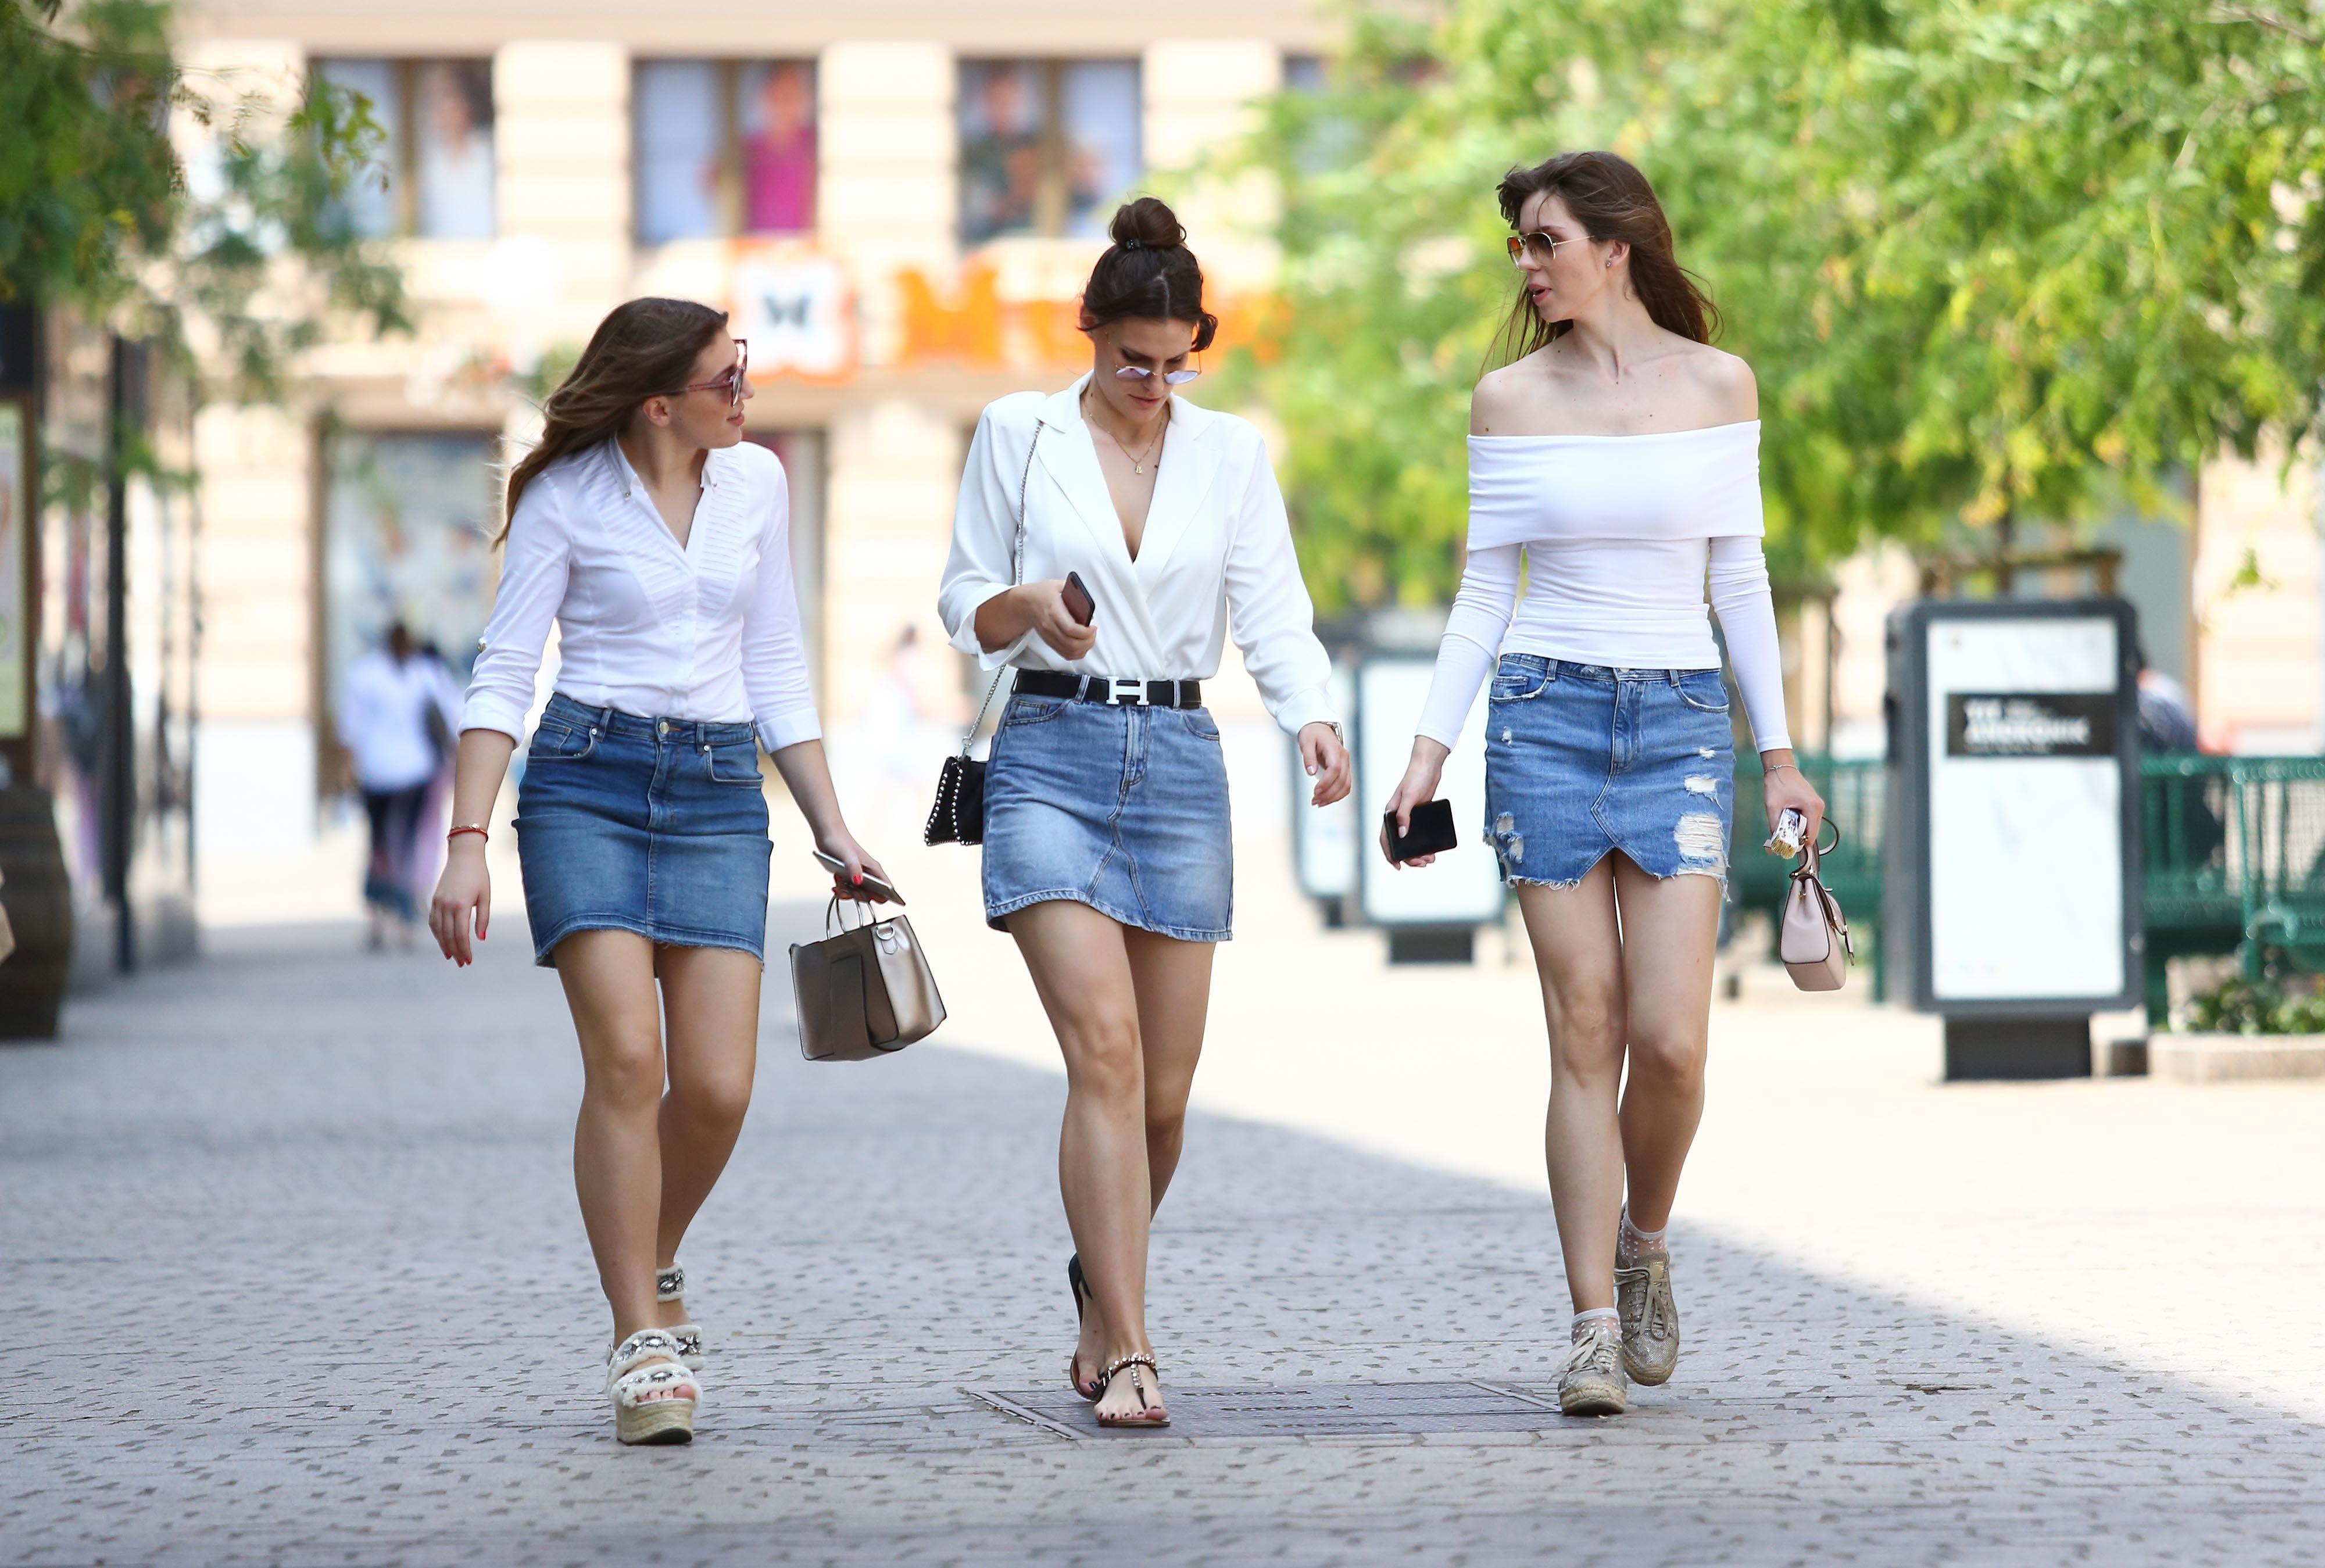 Atraktivne i identično odjevene: Tri brinete u centru grada pokazale kako izgleda ljetna uniforma